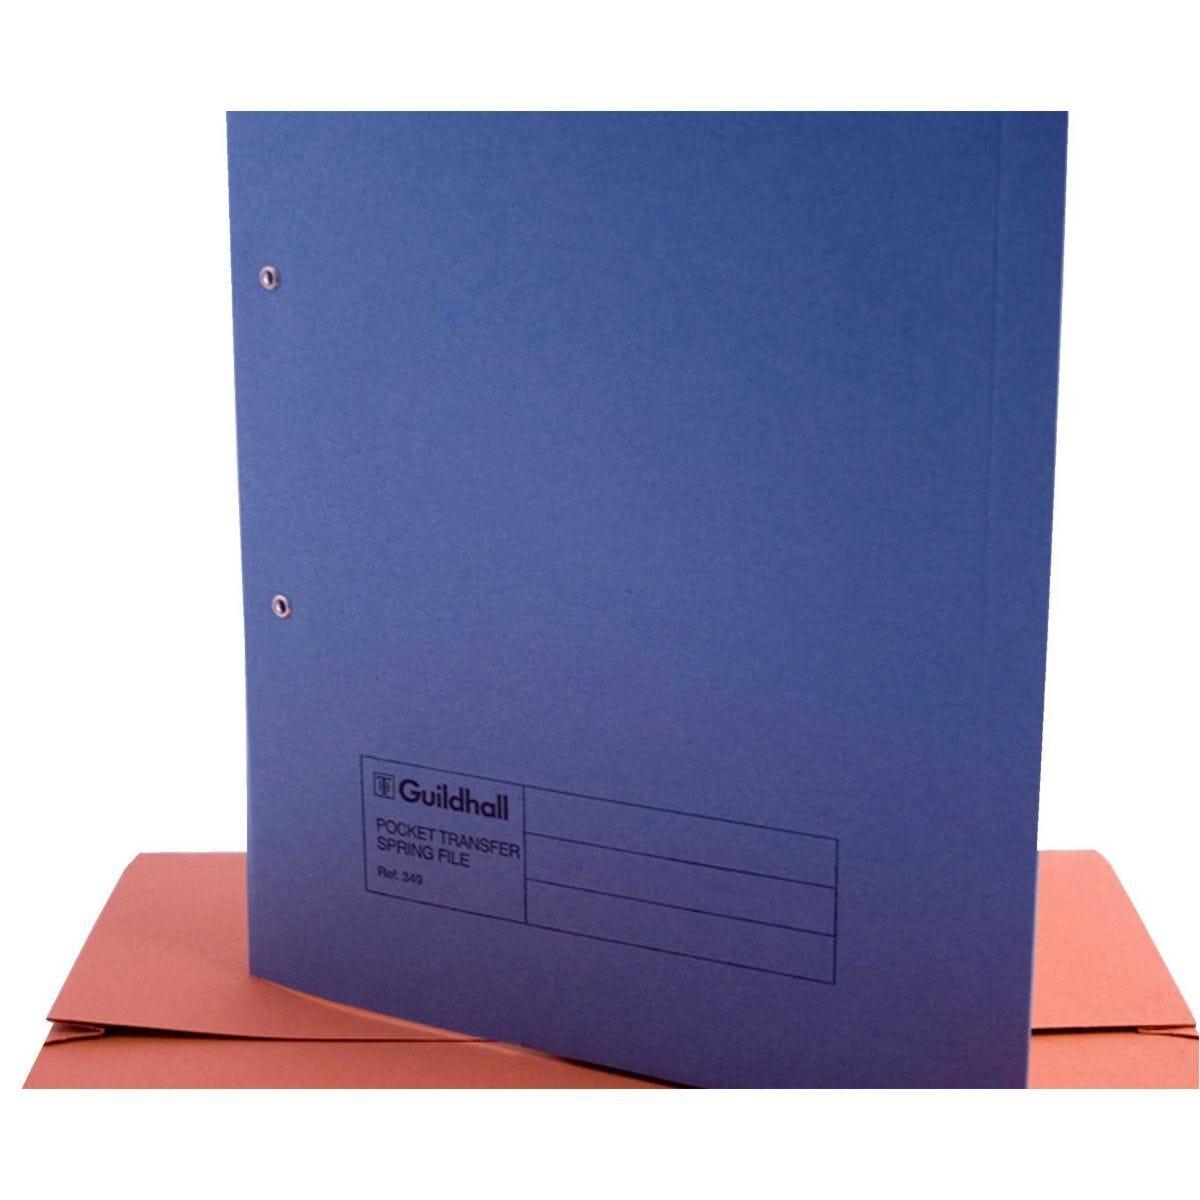 Pocket Transfer Spiral File Foolscap Pack of 25 Blue